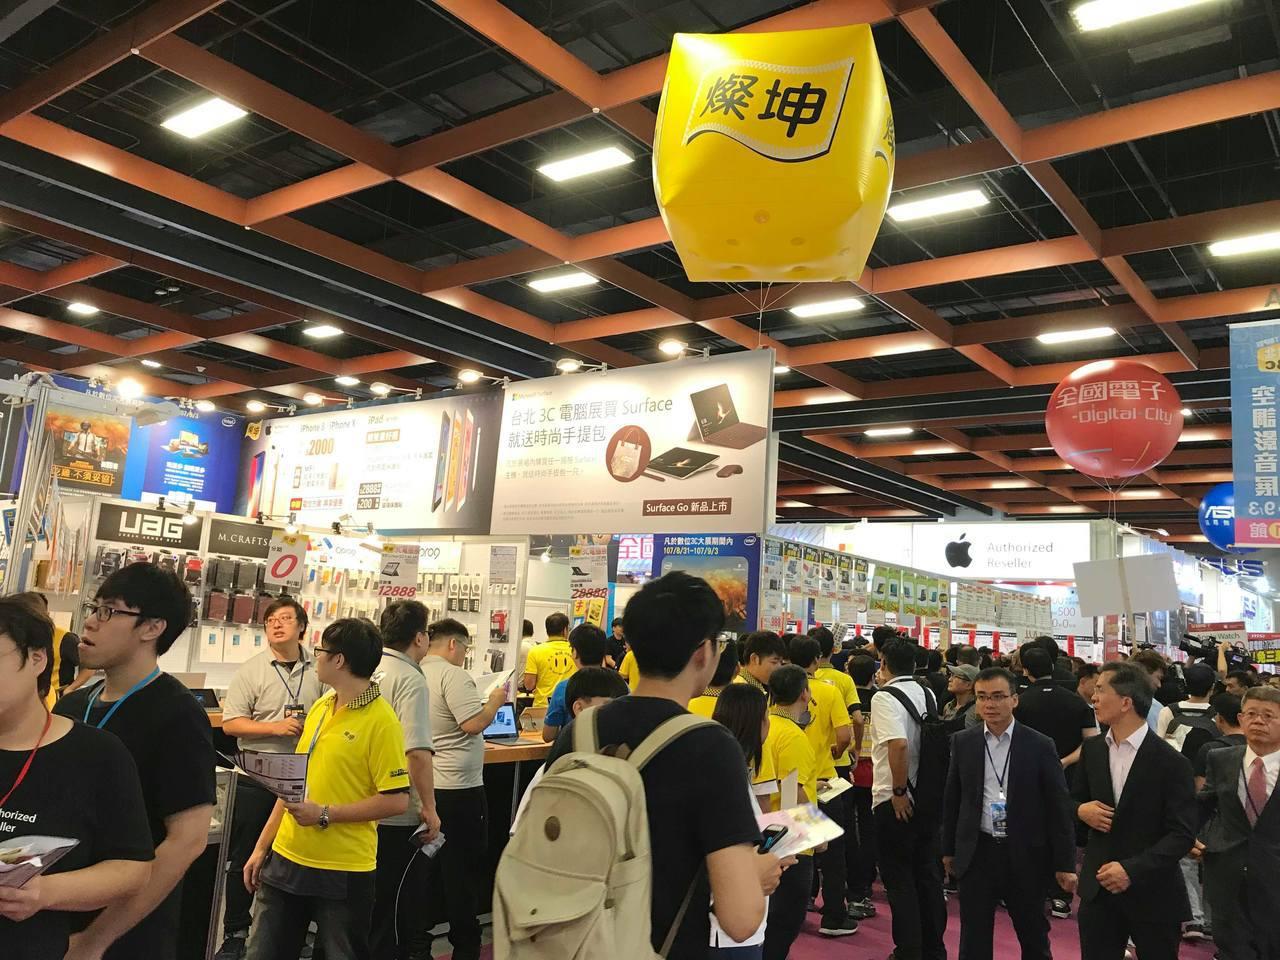 燦坤及全國電子參與台北3C展。記者蔡銘仁/攝影